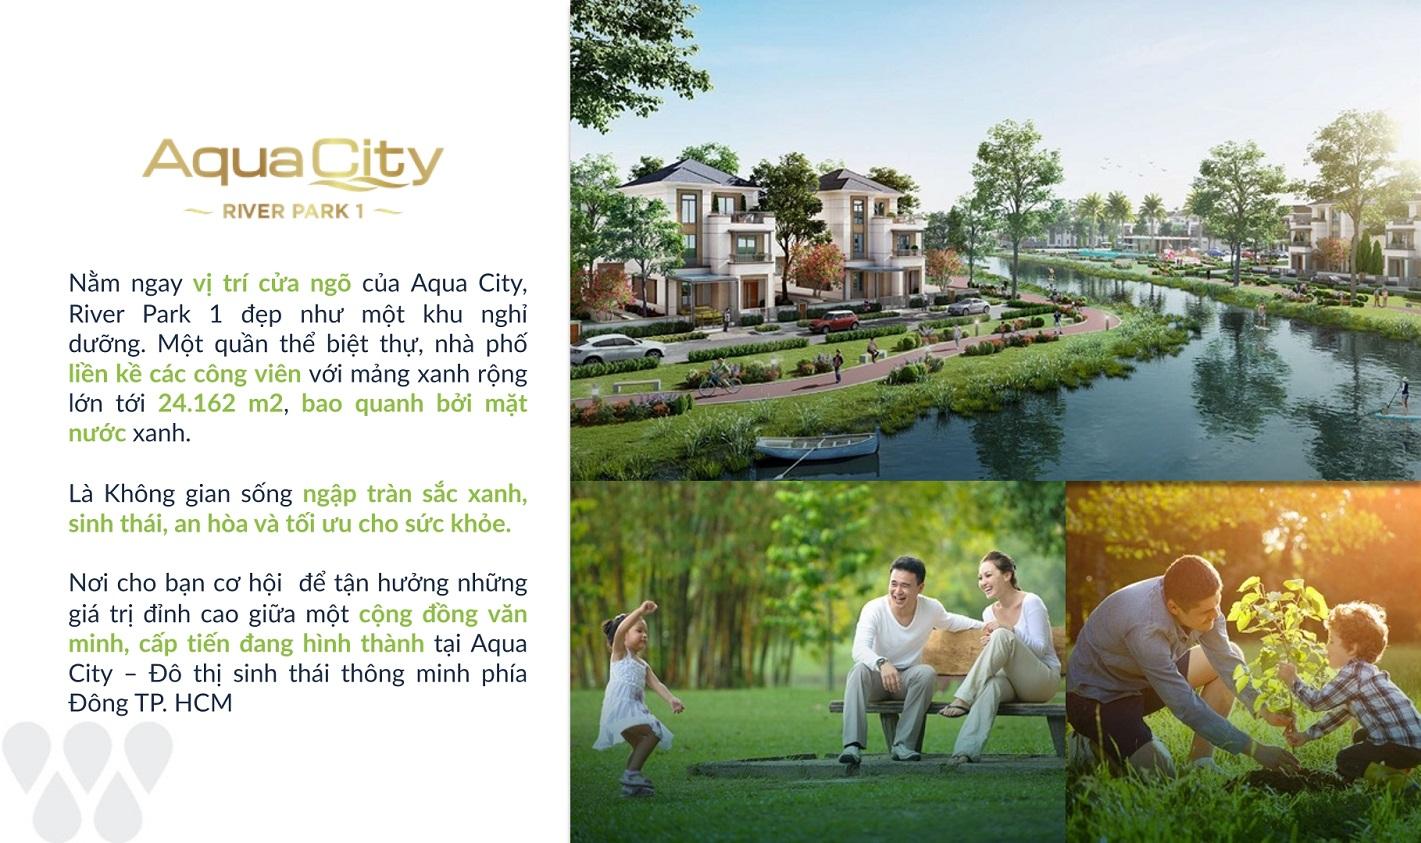 thong-tin-aqua-city-river-park-1